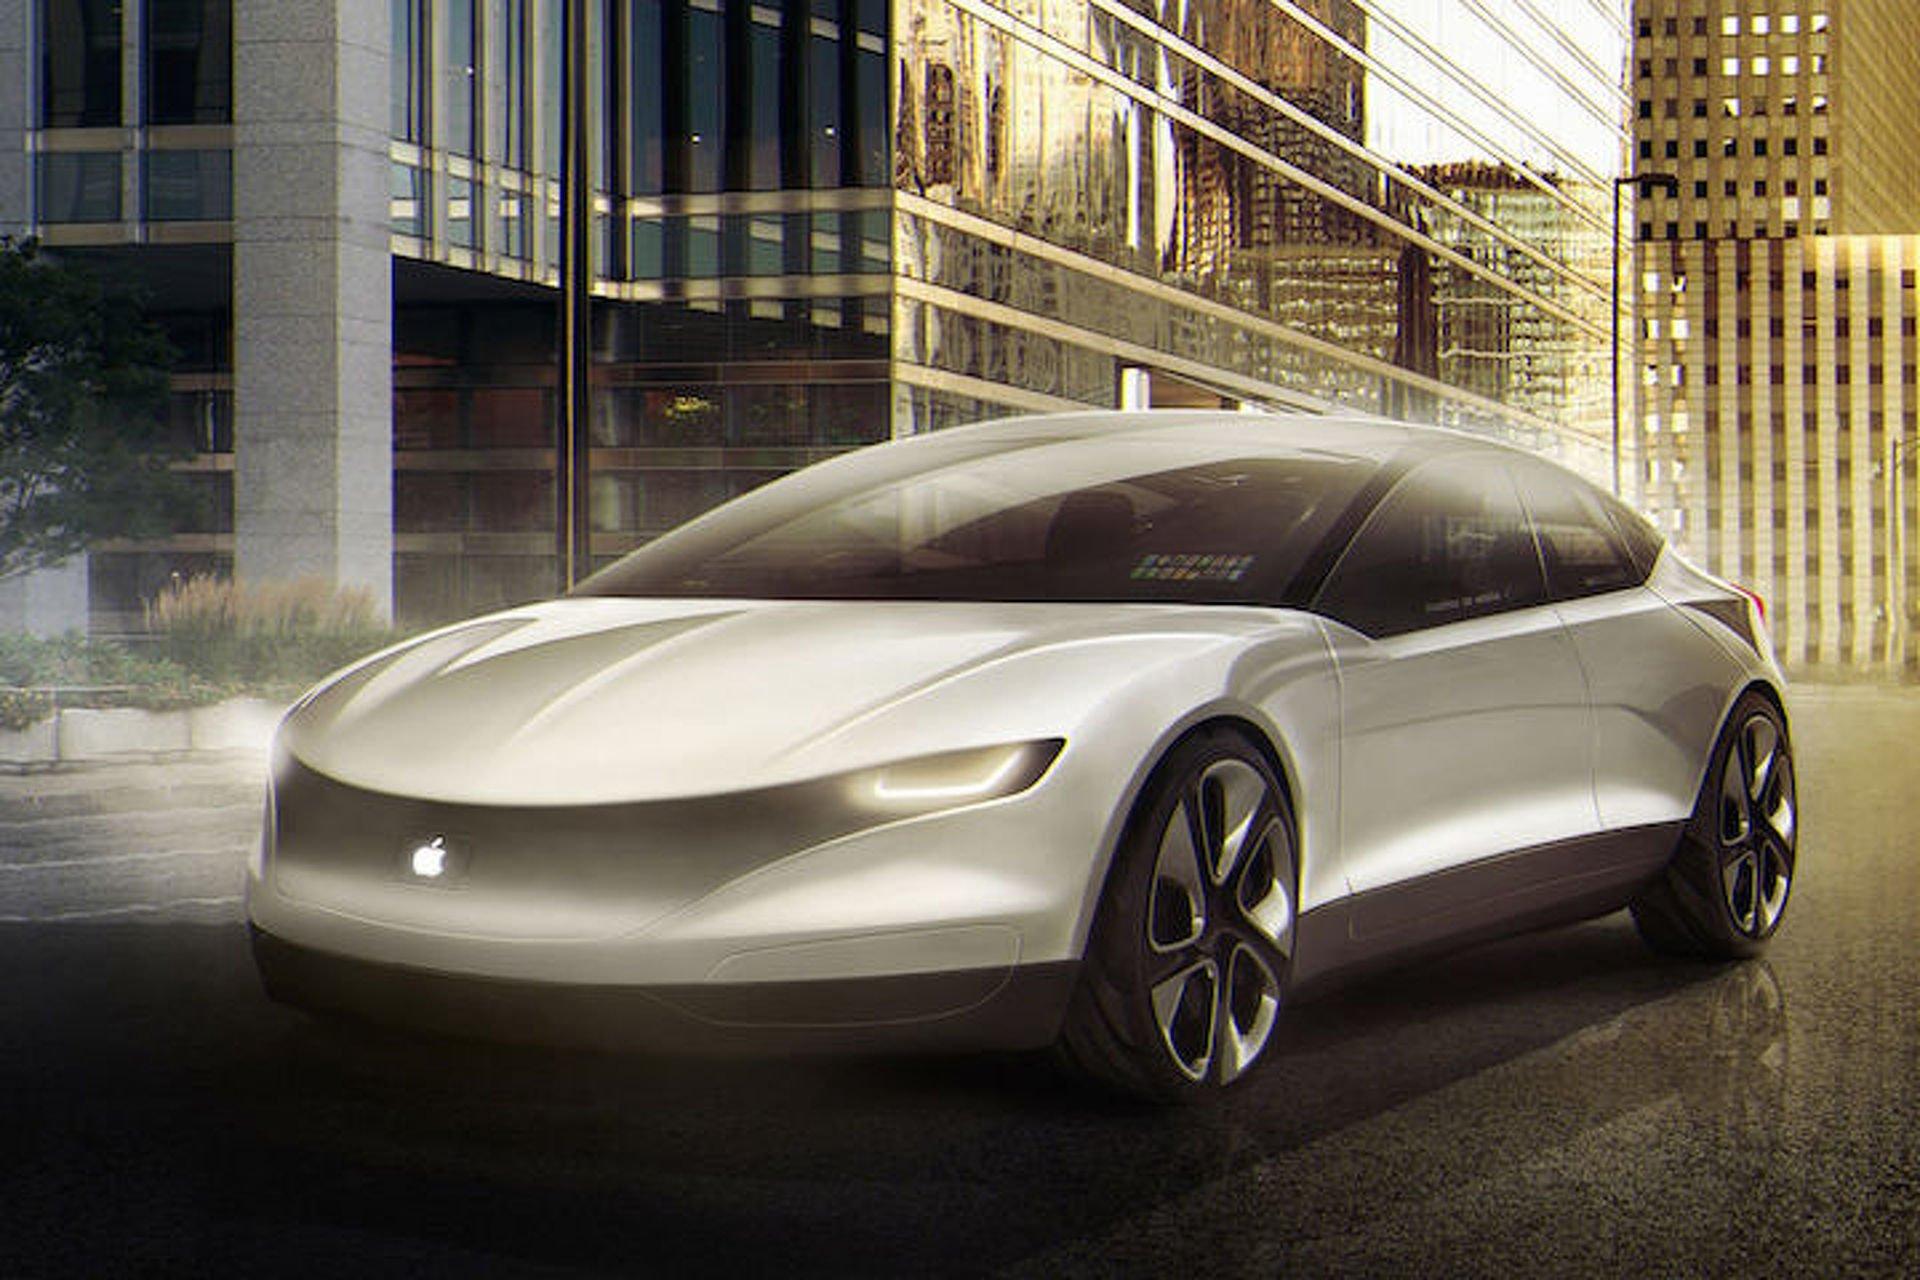 خودروی الکتریکی اپل احتمالا سال آینده میلادی از راه میرسد